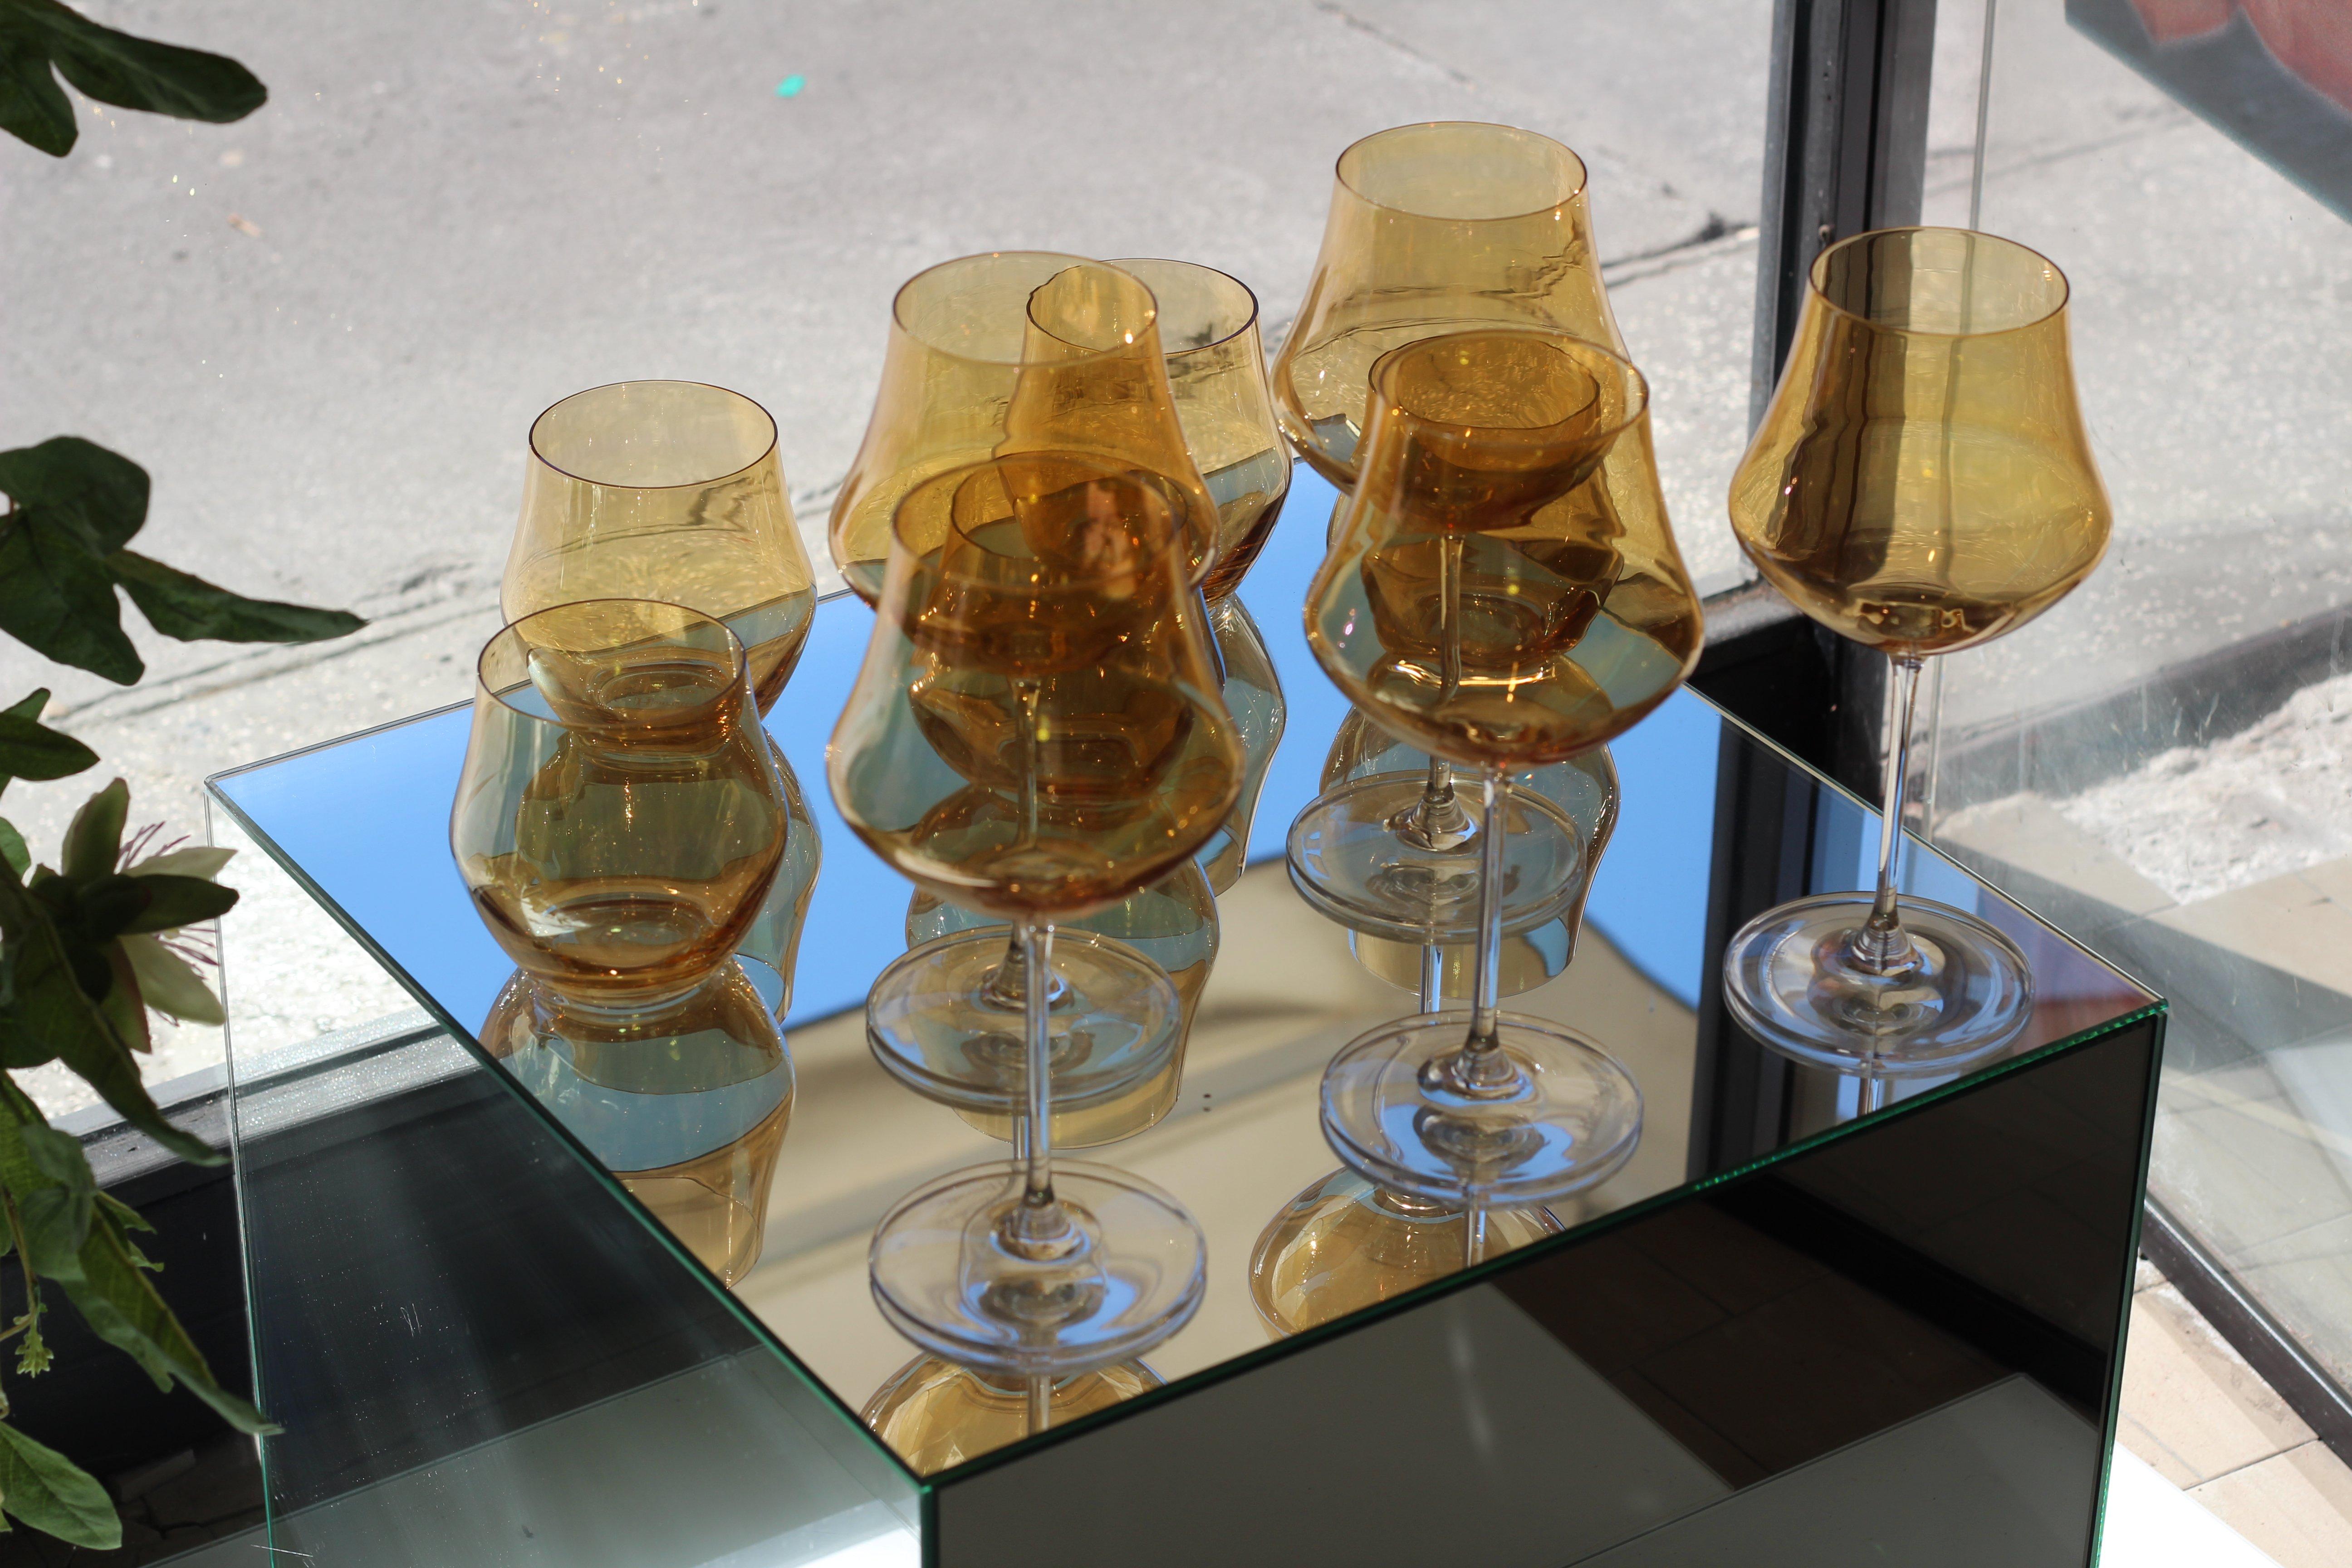 calici e bicchieri in vetro dorato